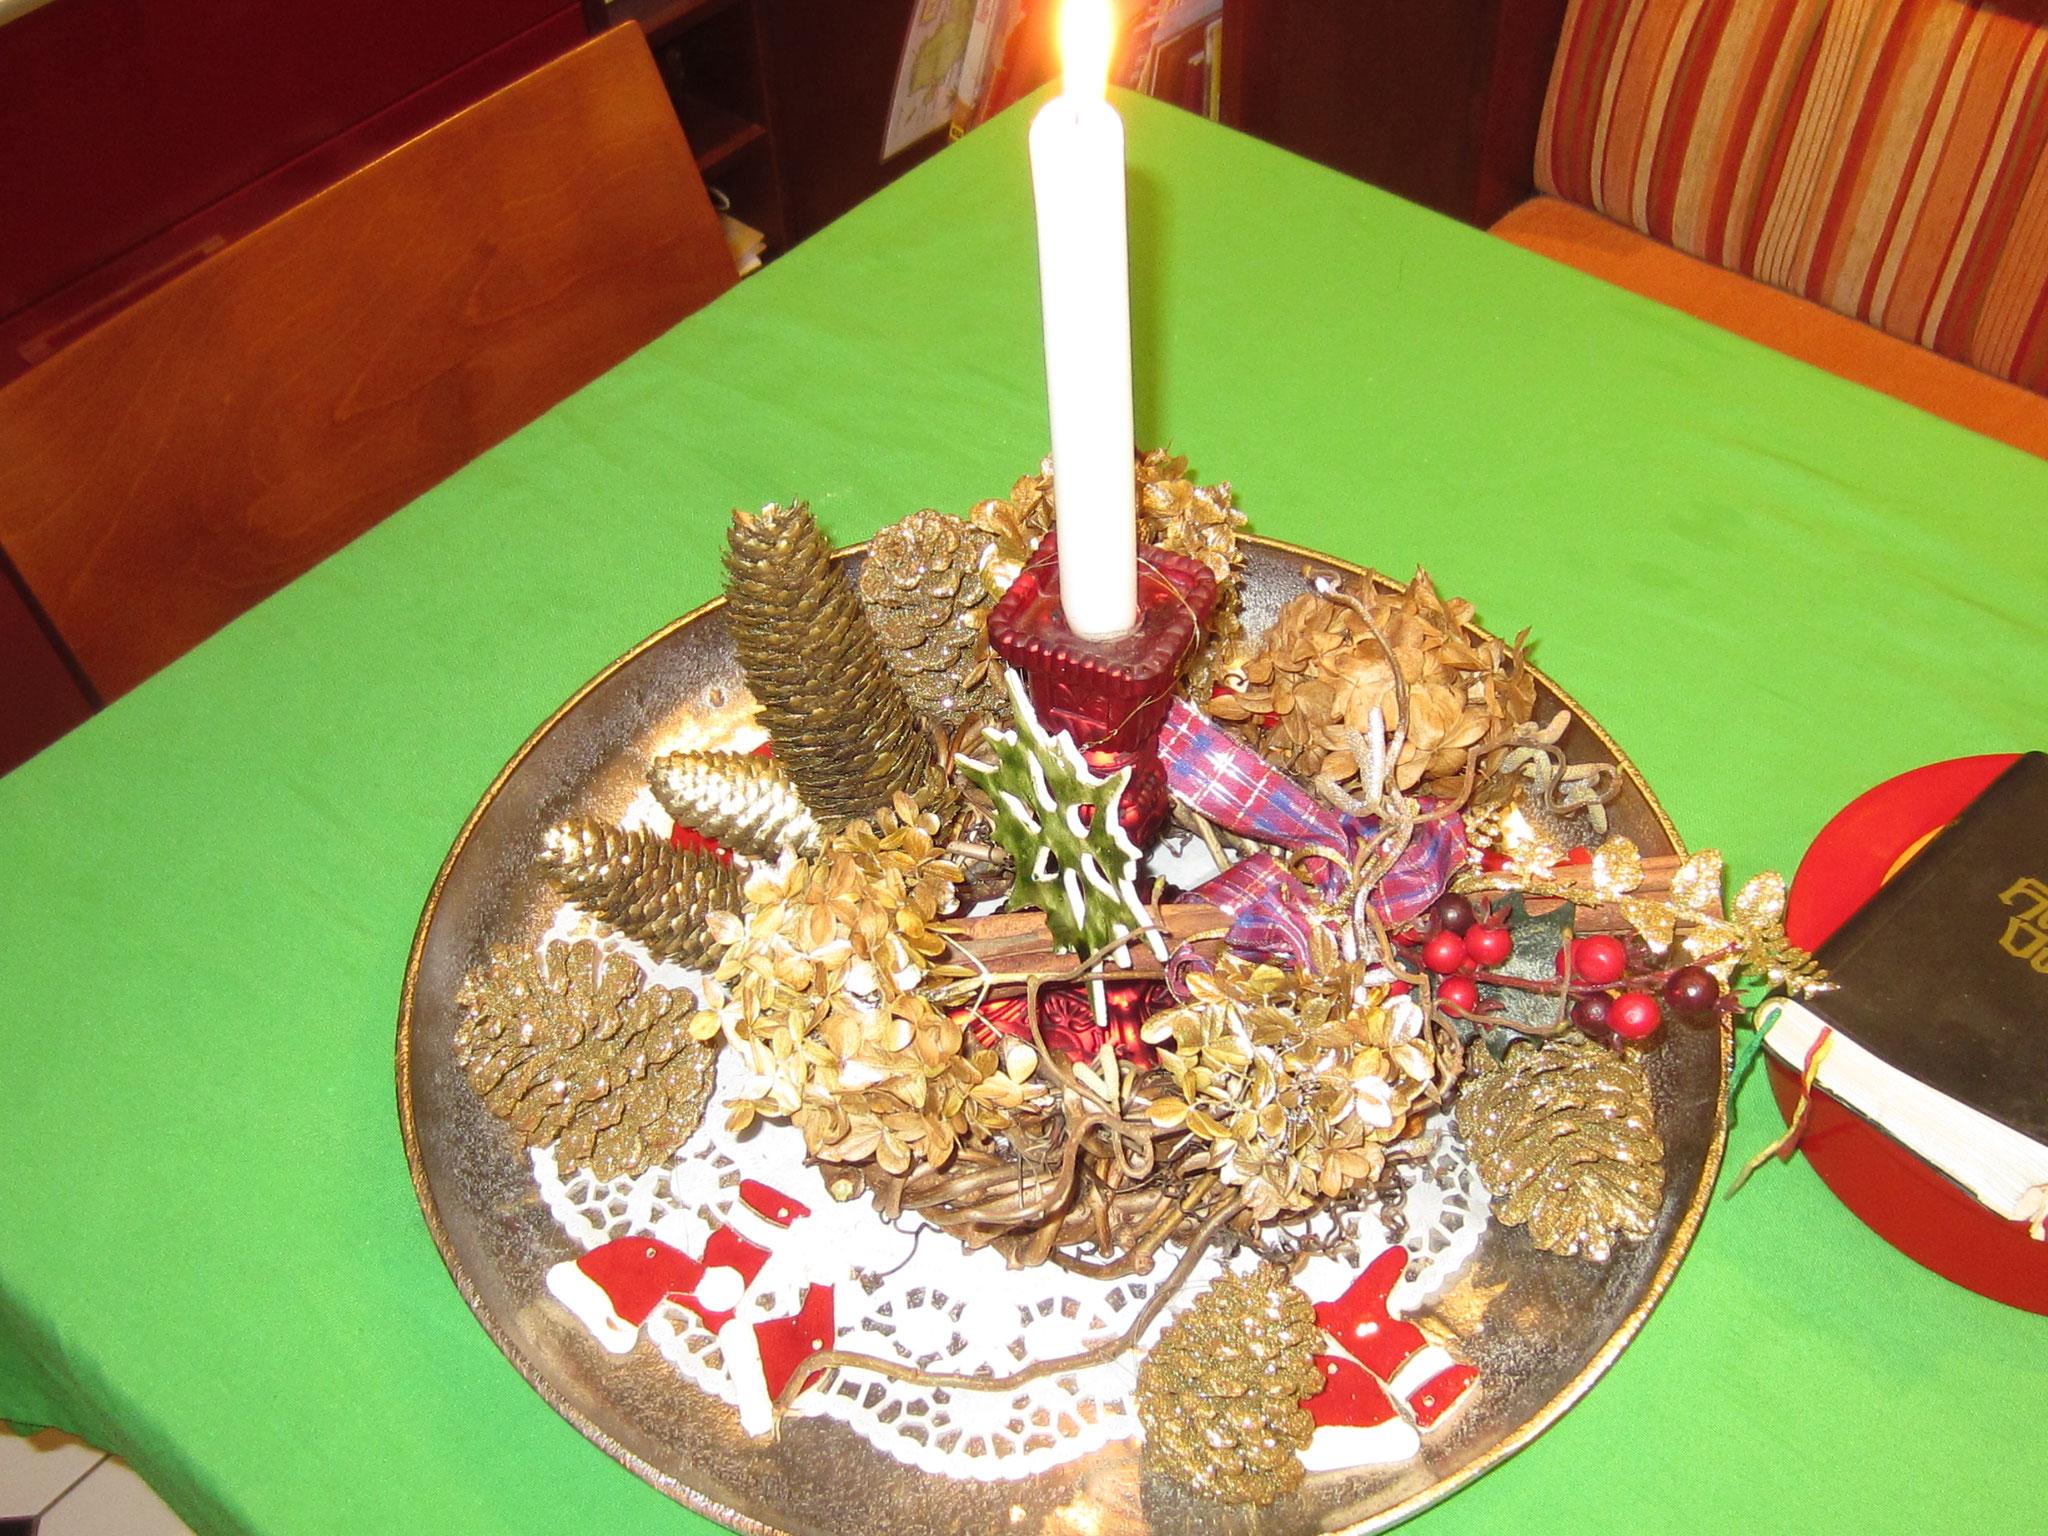 adventkranz 2016 - zwei Wilderweinrutenkränze übereinander mit vier Hortensienblüten und Fichtenzapfen - diesesmal nur eine kerze - die farbe gold dominiert